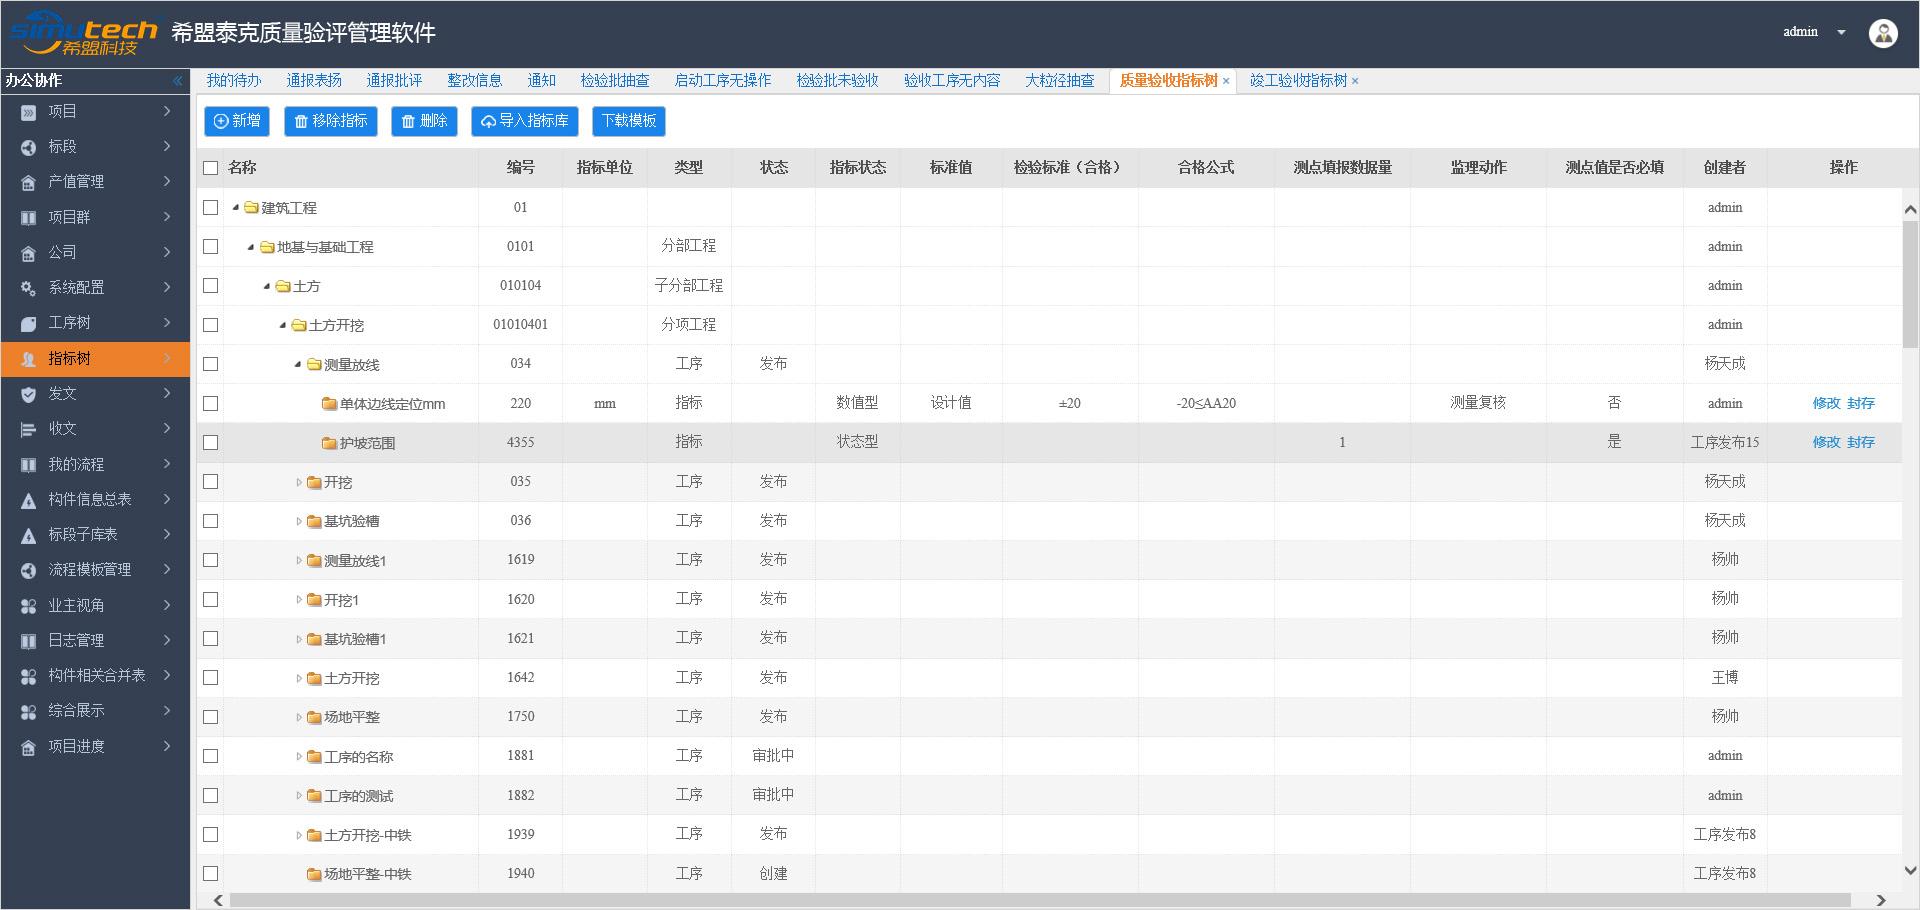 希盟泰克质量验评管理软件-自主PLM|智慧工地管理平台|BIM施工管理系统